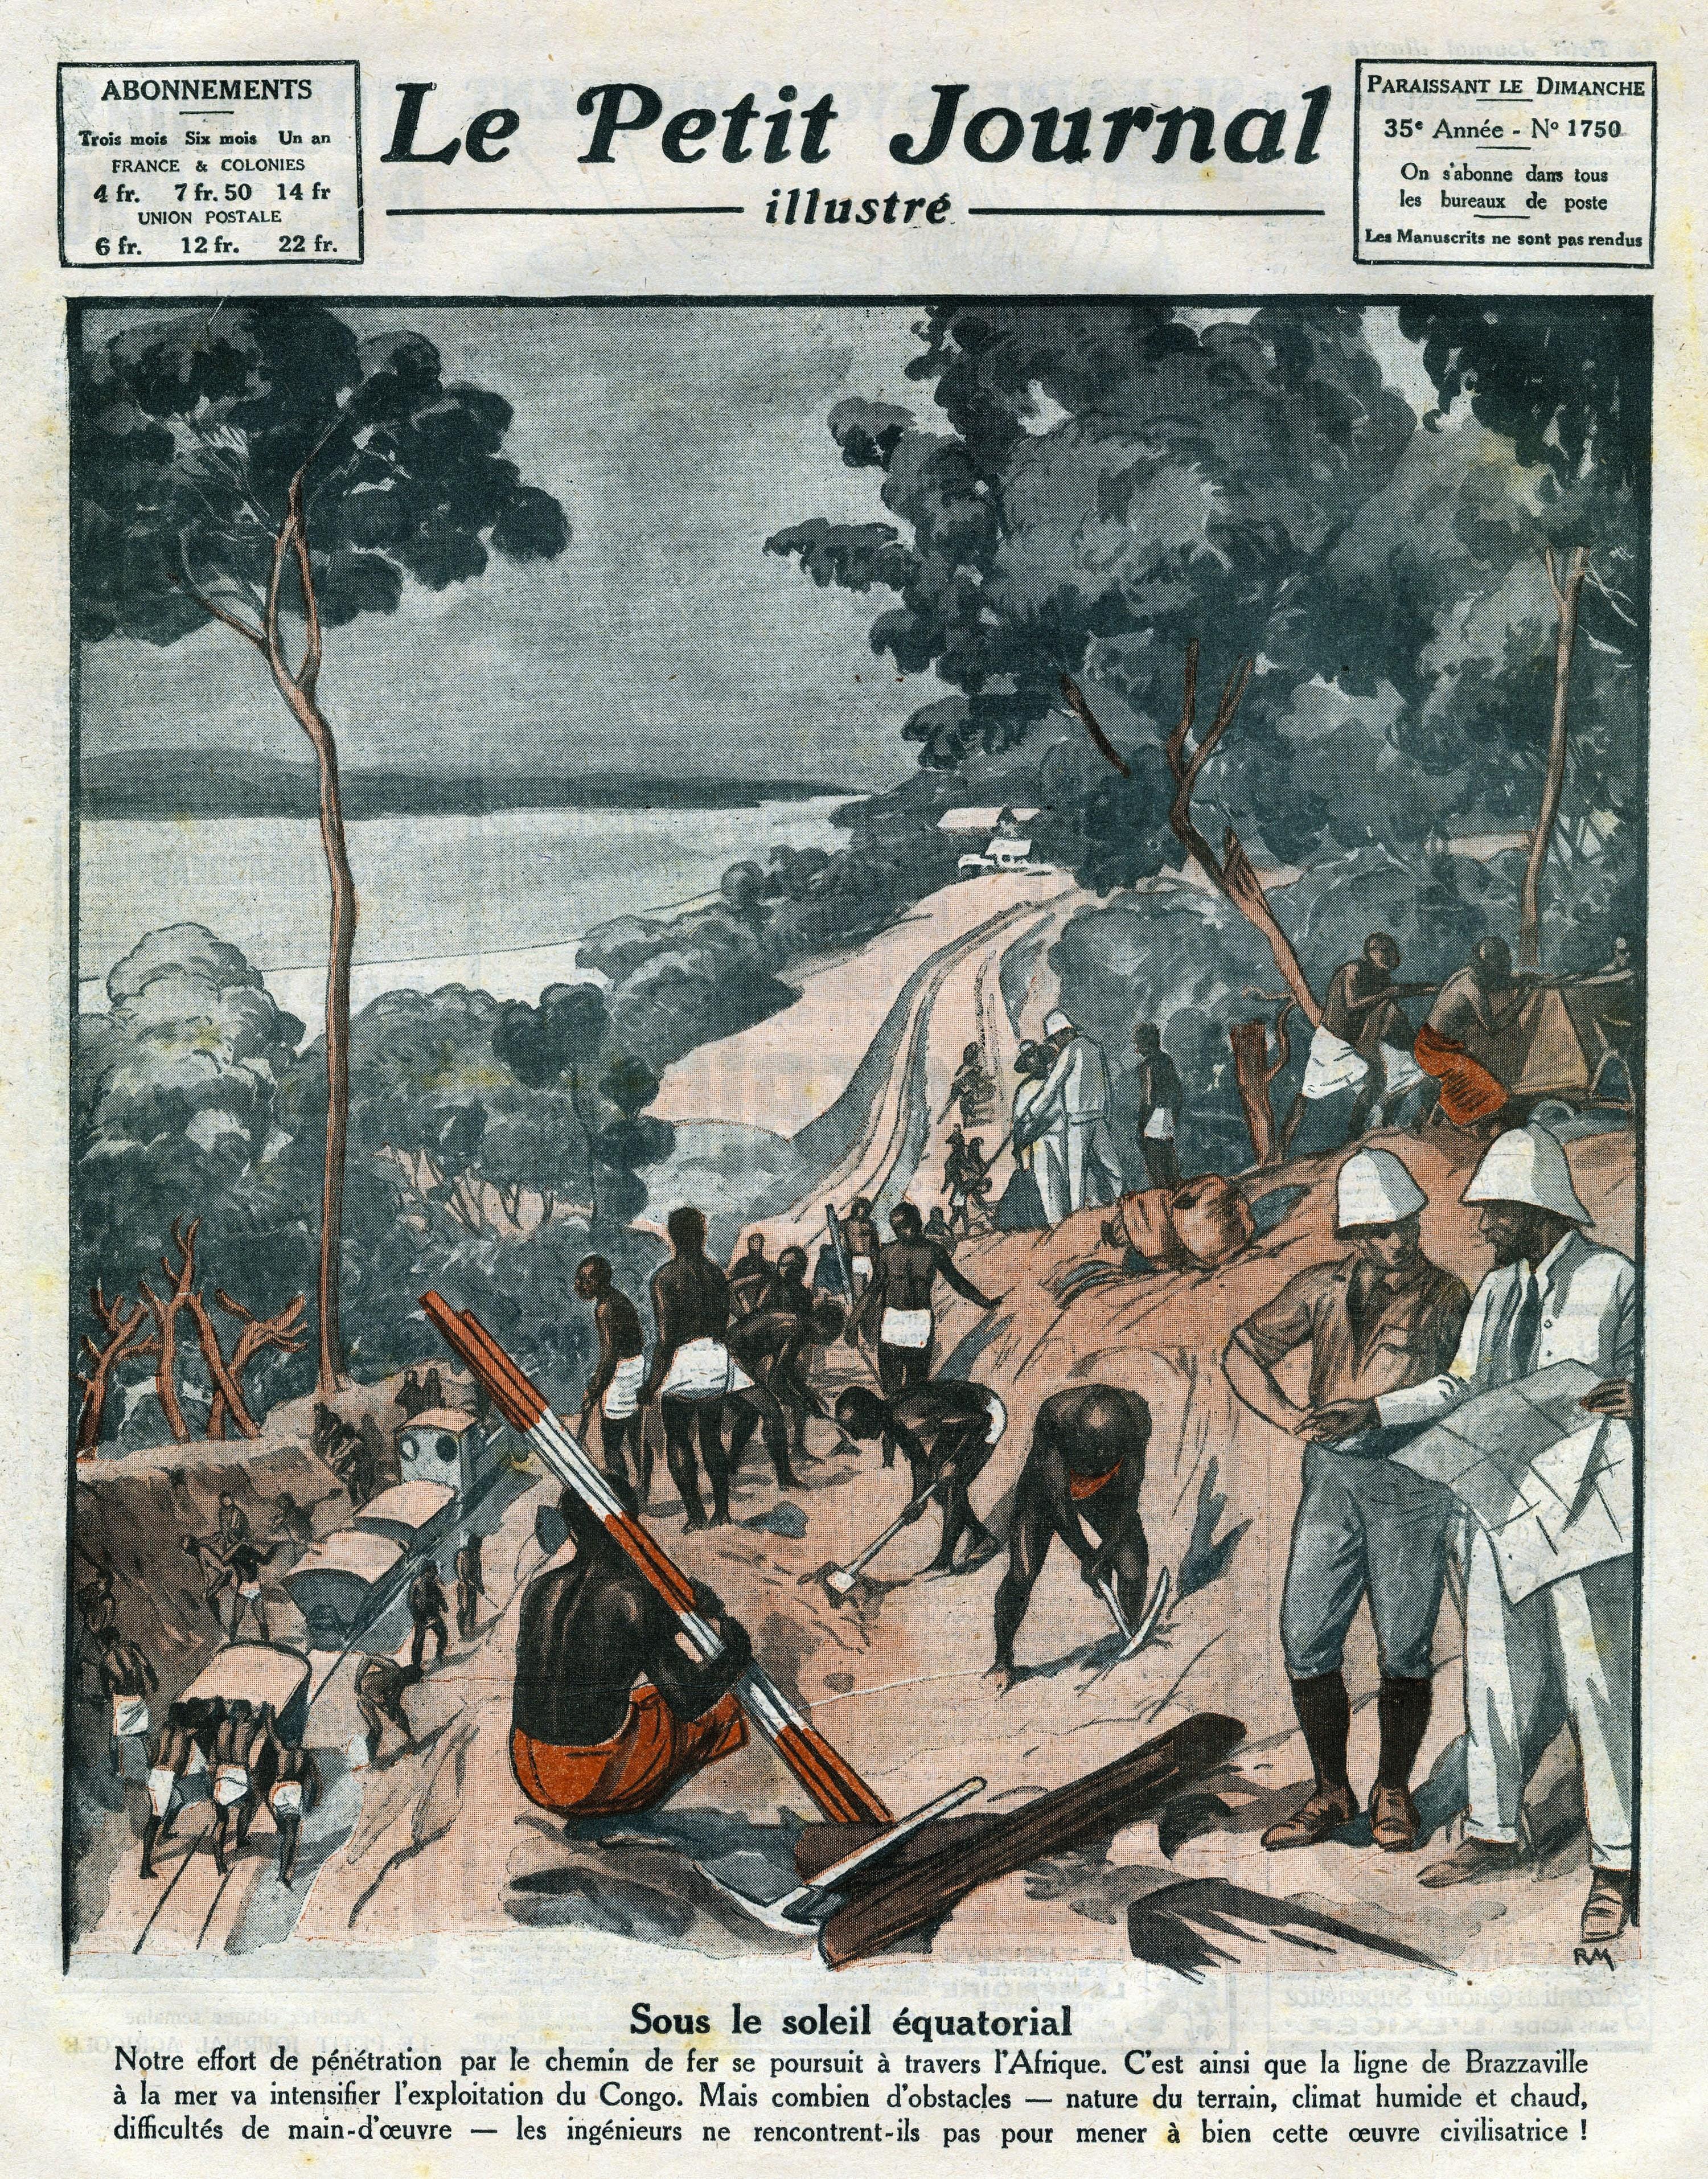 Couverture du Petit Journal illustré, n°1750, 1924.